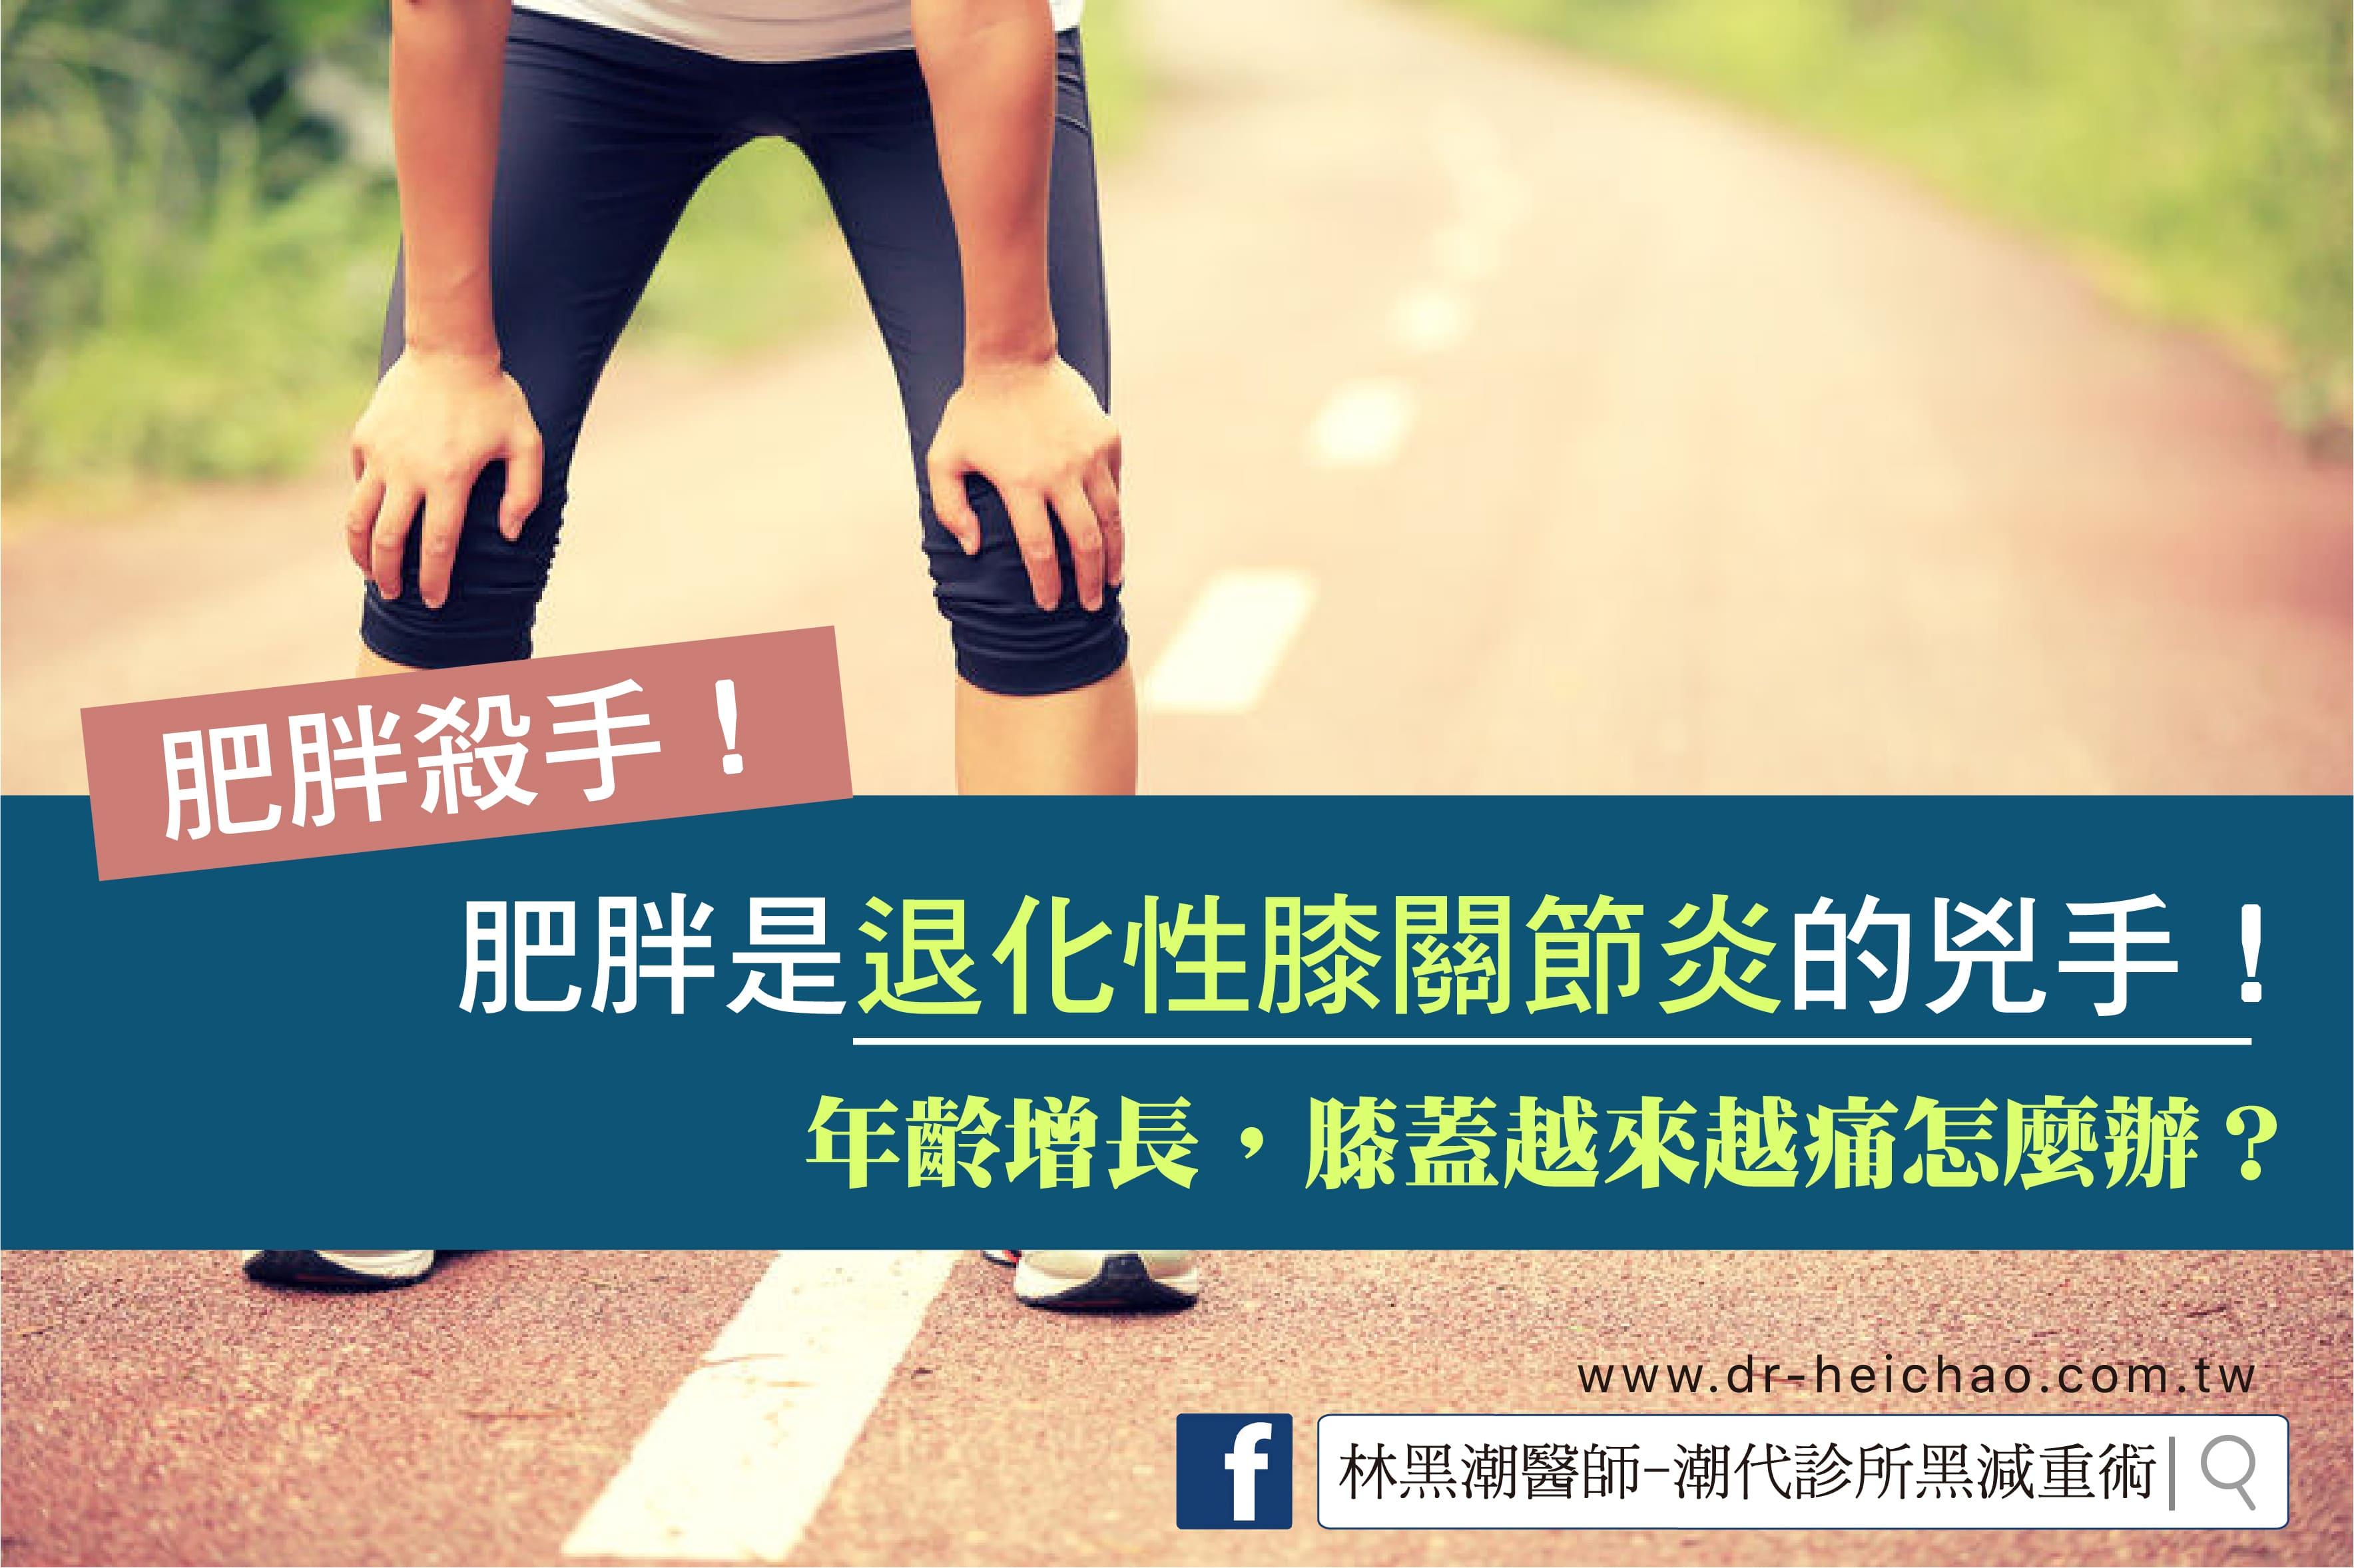 肥胖與退化性膝關節炎/文:夏明輝醫師